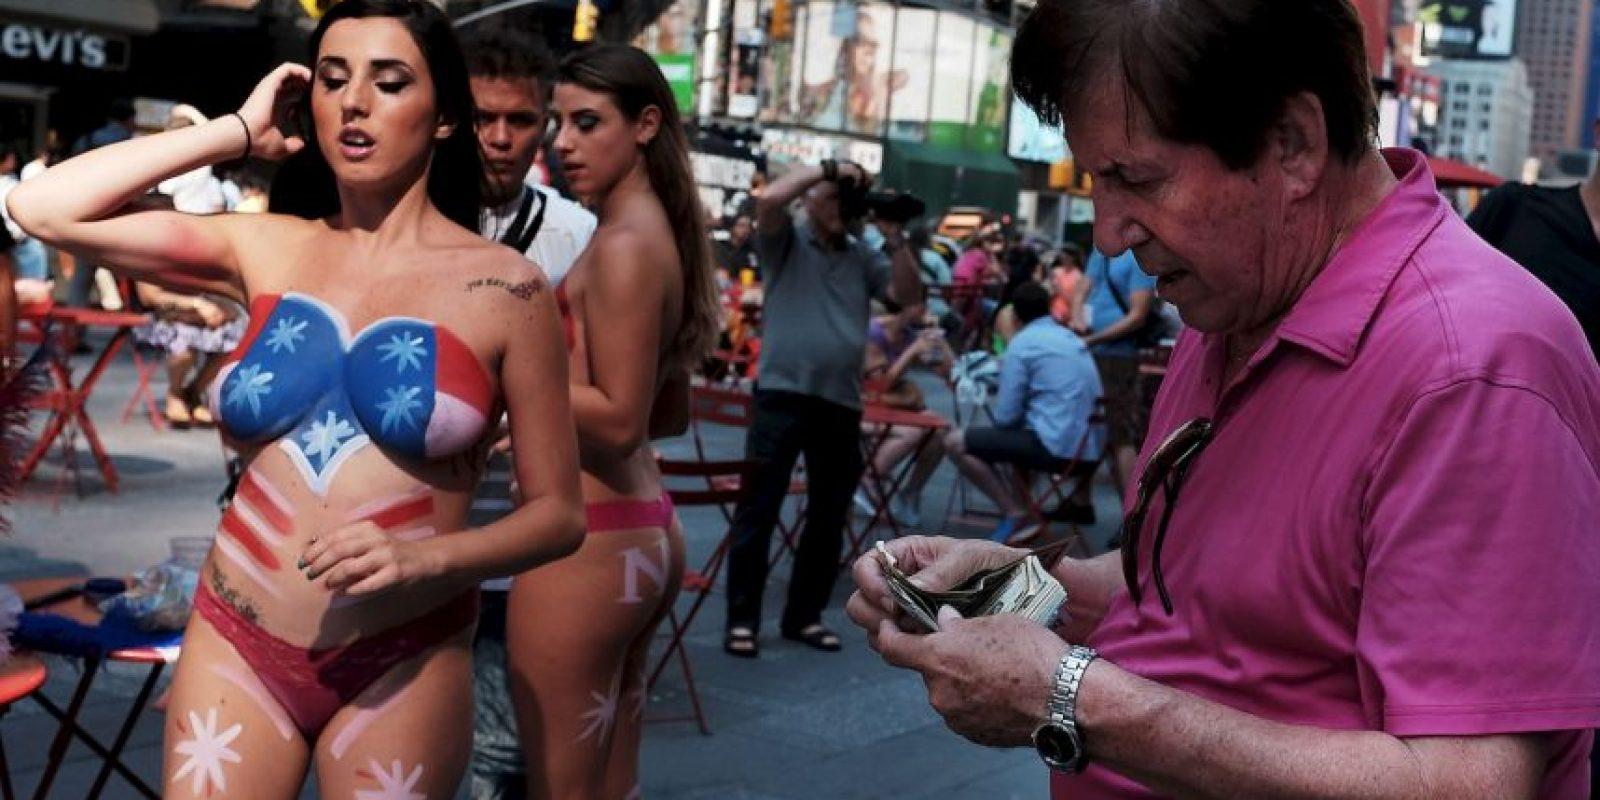 La mayoría de estas mujeres son latinas y en promedio tienen 26 años. Foto:Getty Images